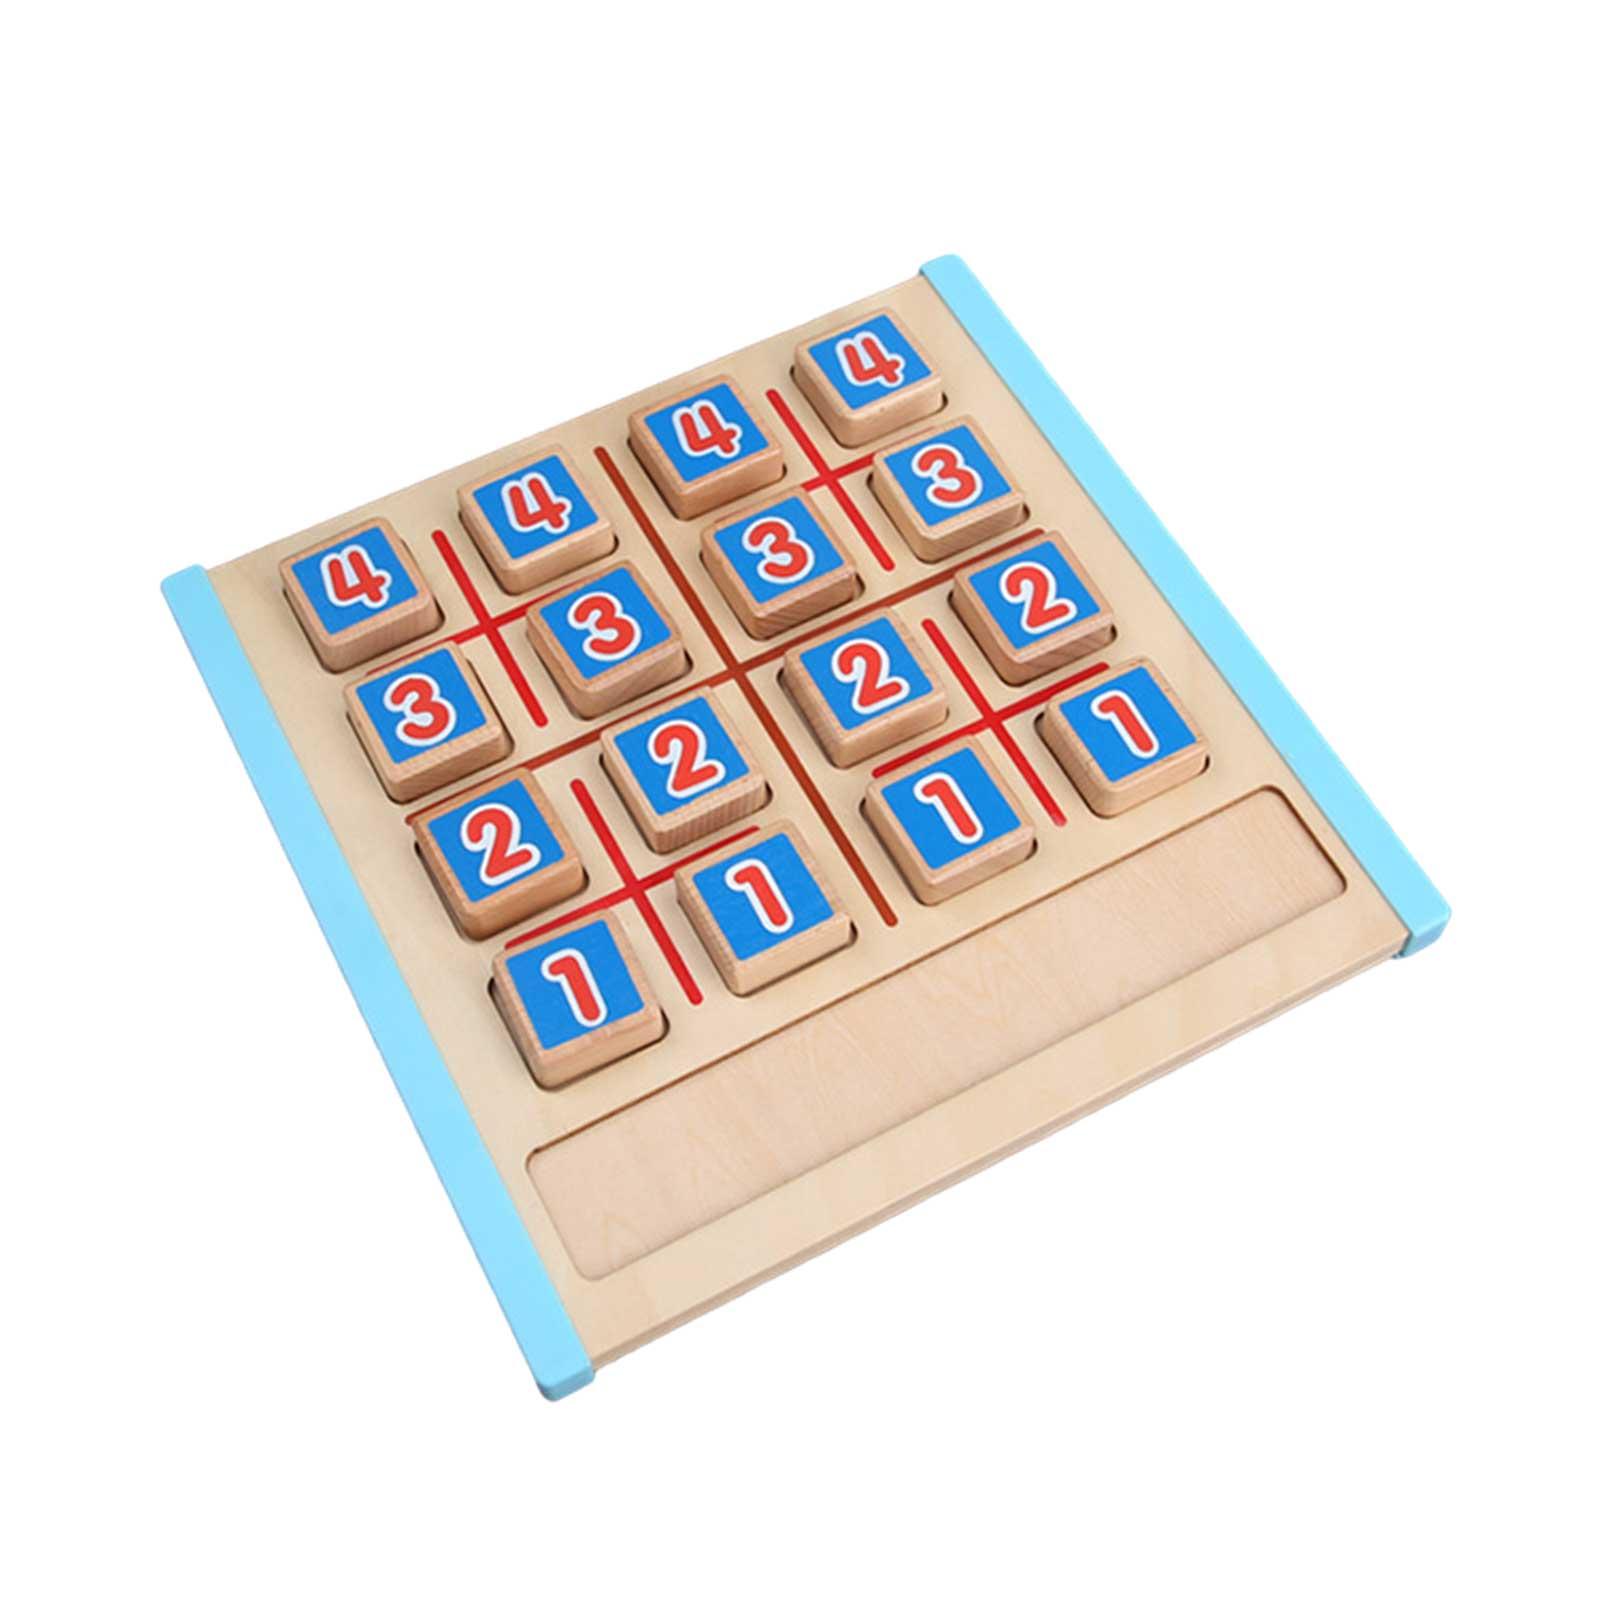 Фото - Судоку настольная игра развивающая логическое мышление головоломка игрушка для детей Обучающие Настольные игры настольные игрушки интелл... настольные игры bradex настольная игра пальчиковый футбол